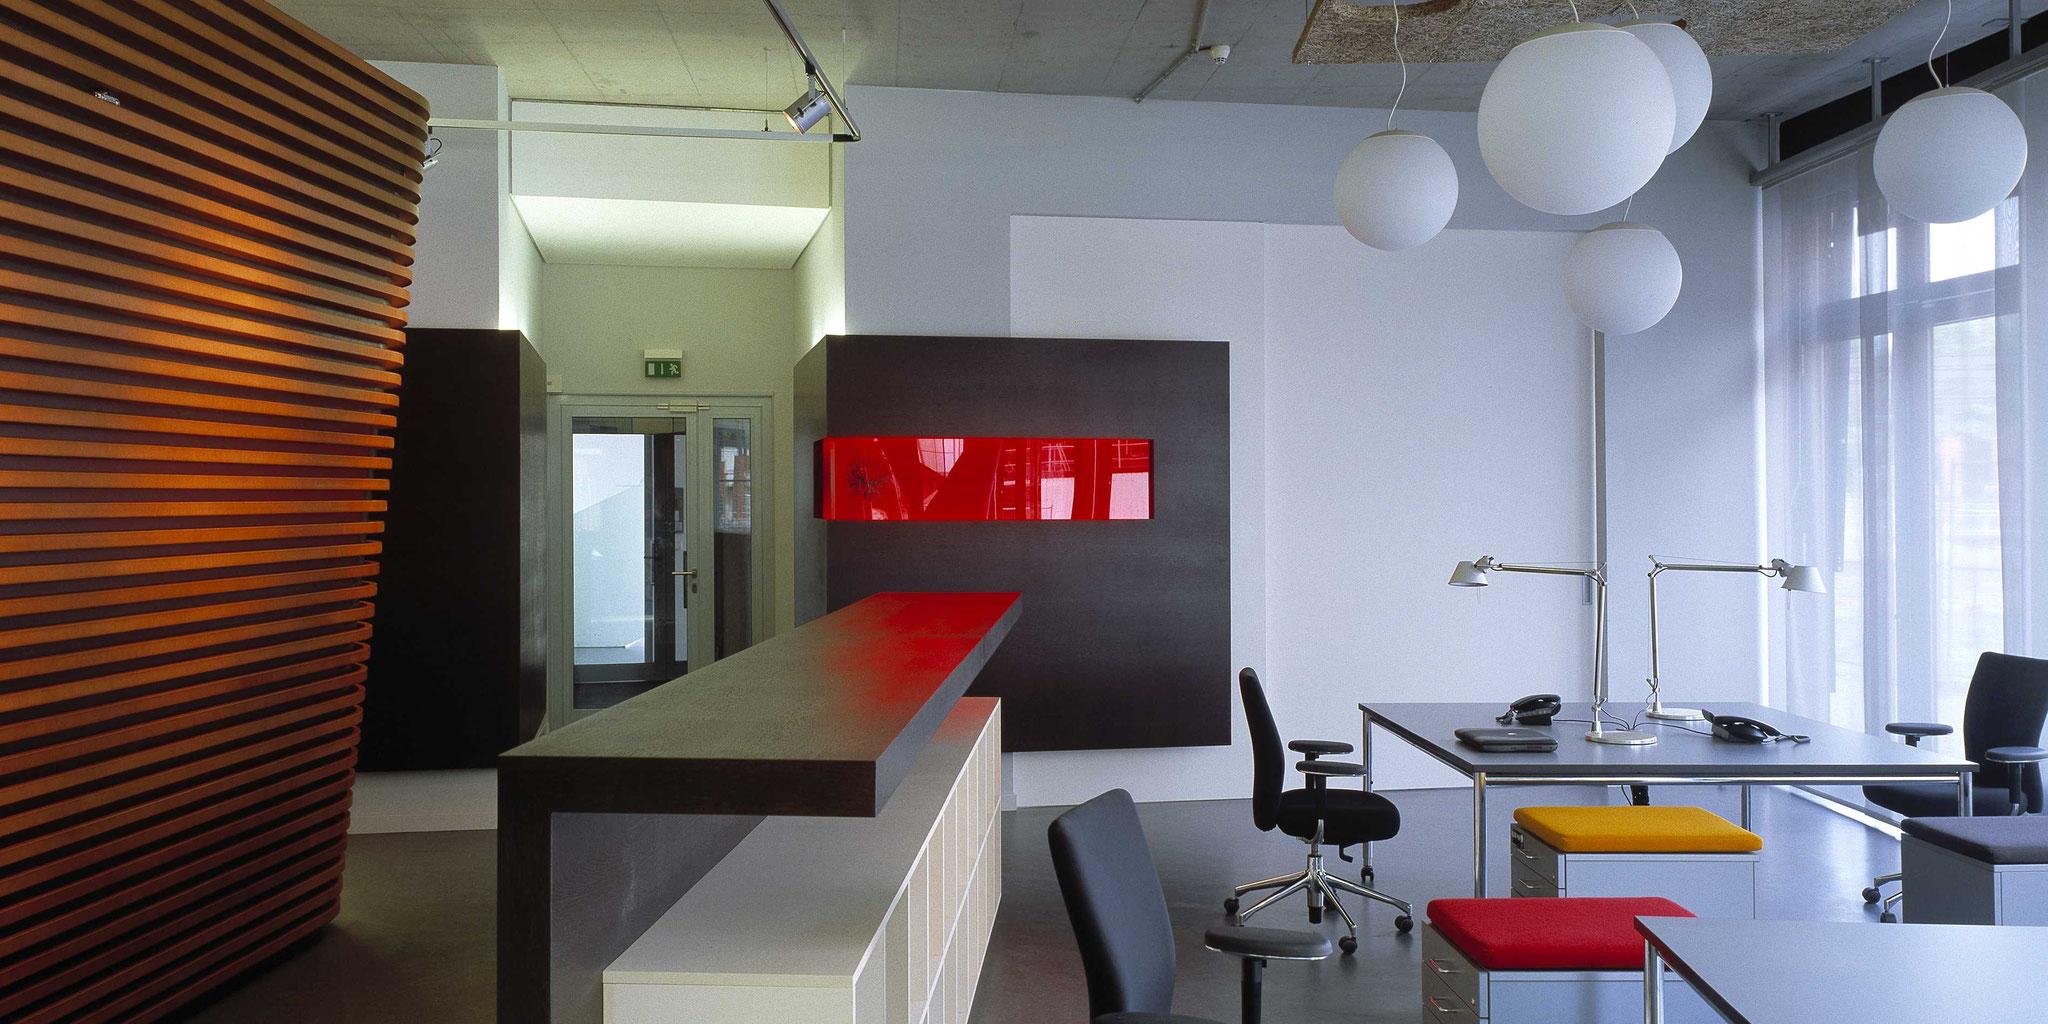 Umbau und Neugestaltung Bürofläche für Publicis – Frankfurt Sachsenhausen, Frick.Reichert Architekten